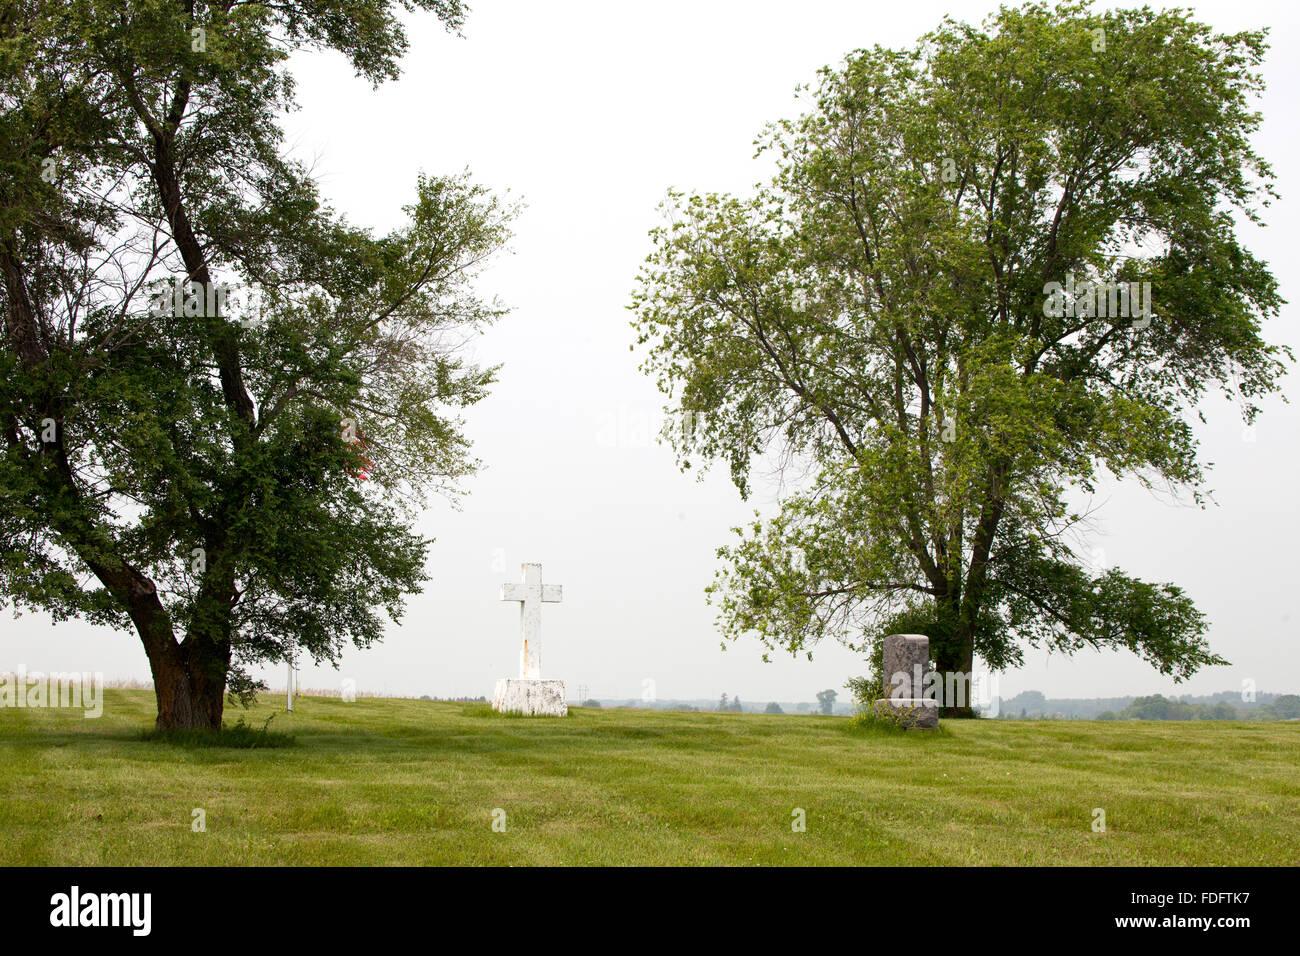 Friedhof für Geisteskranke in Fergus Falls regionale Behandlungszentrum für geistig Behinderte. Fergus Stockbild